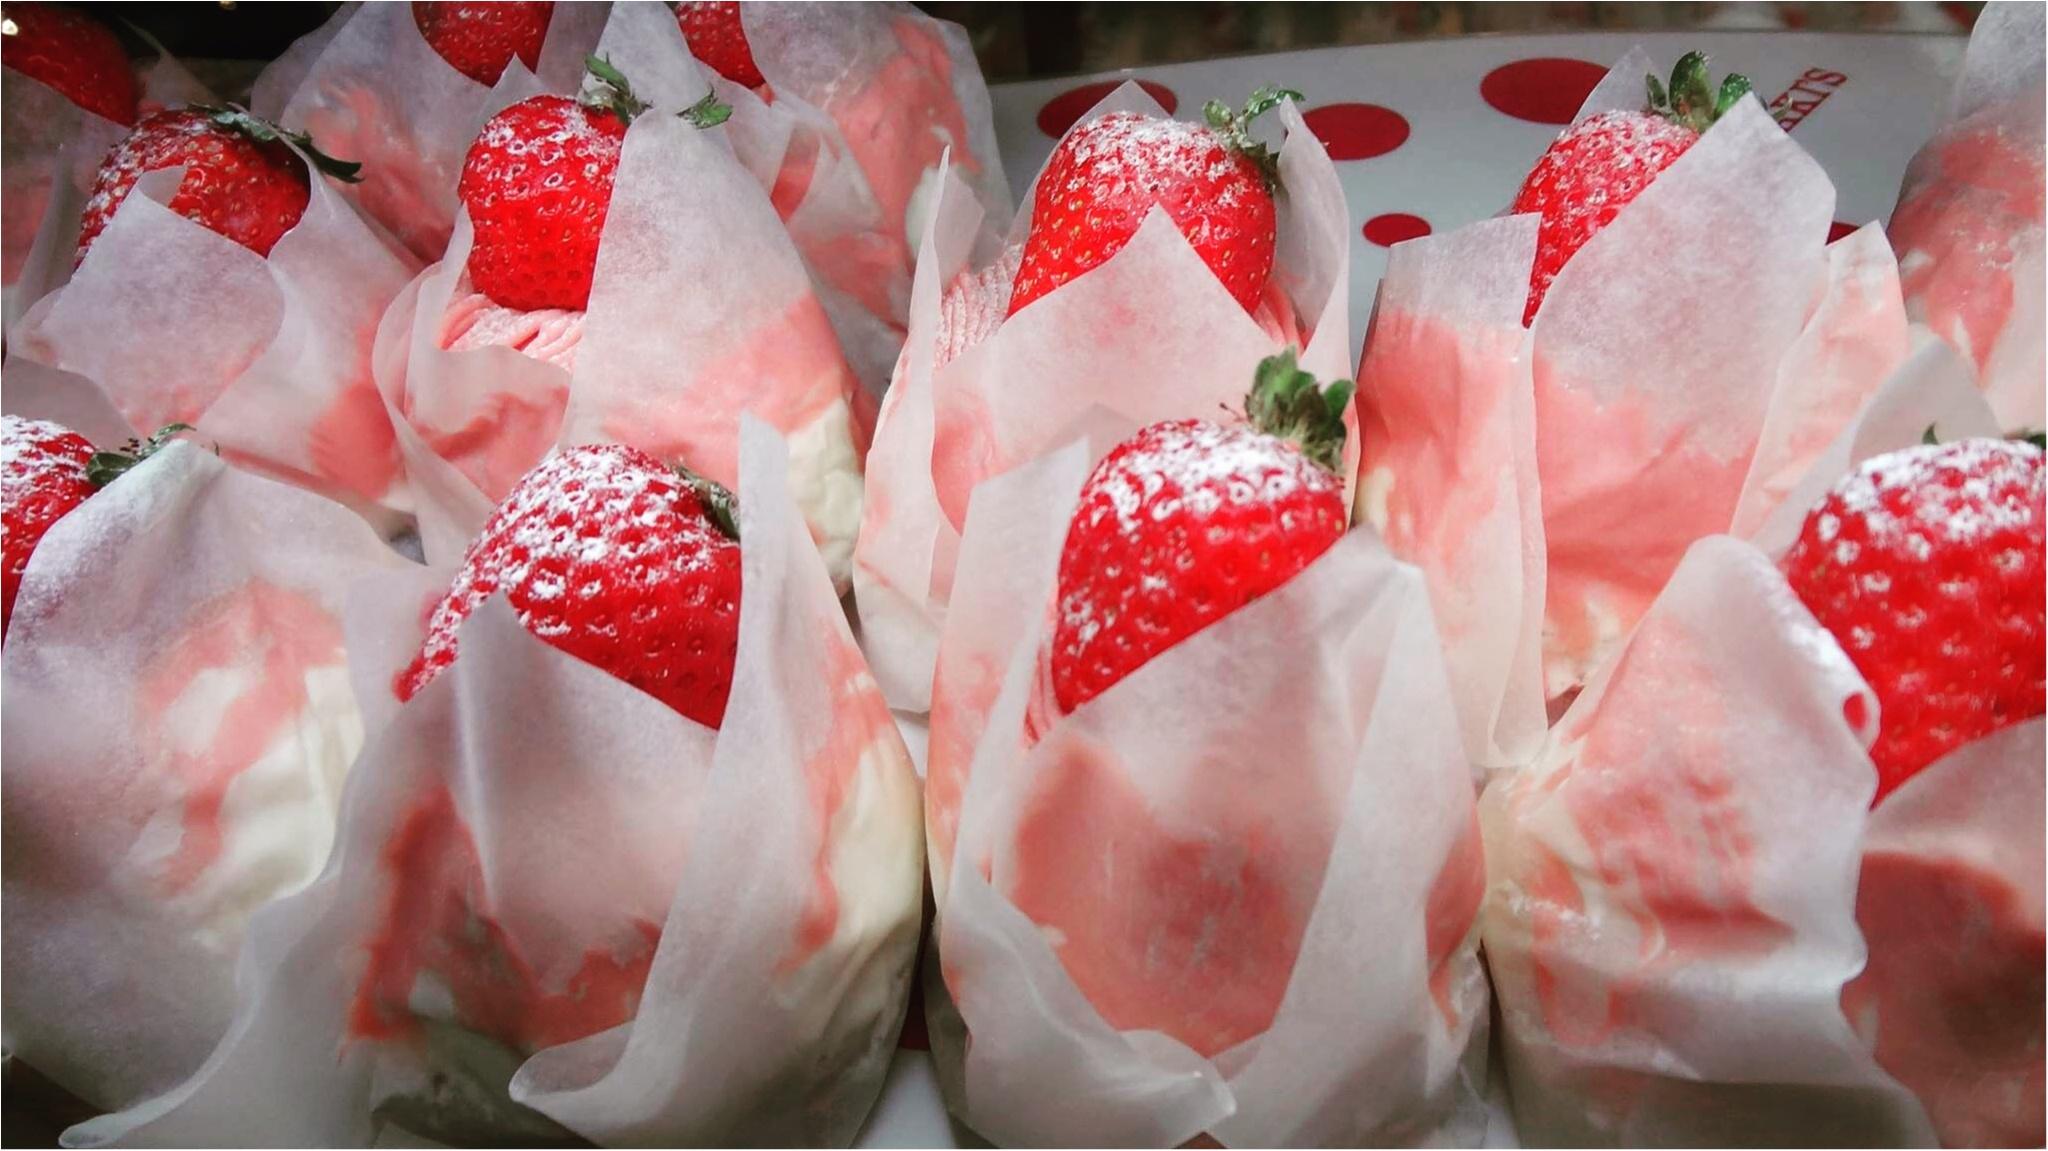 【イベント情報】いちご好き集まれー!横浜ストロベリーフェスティバルで苺スイーツまみれ♡苺の無料サンプリング情報も✨≪samenyan≫_10